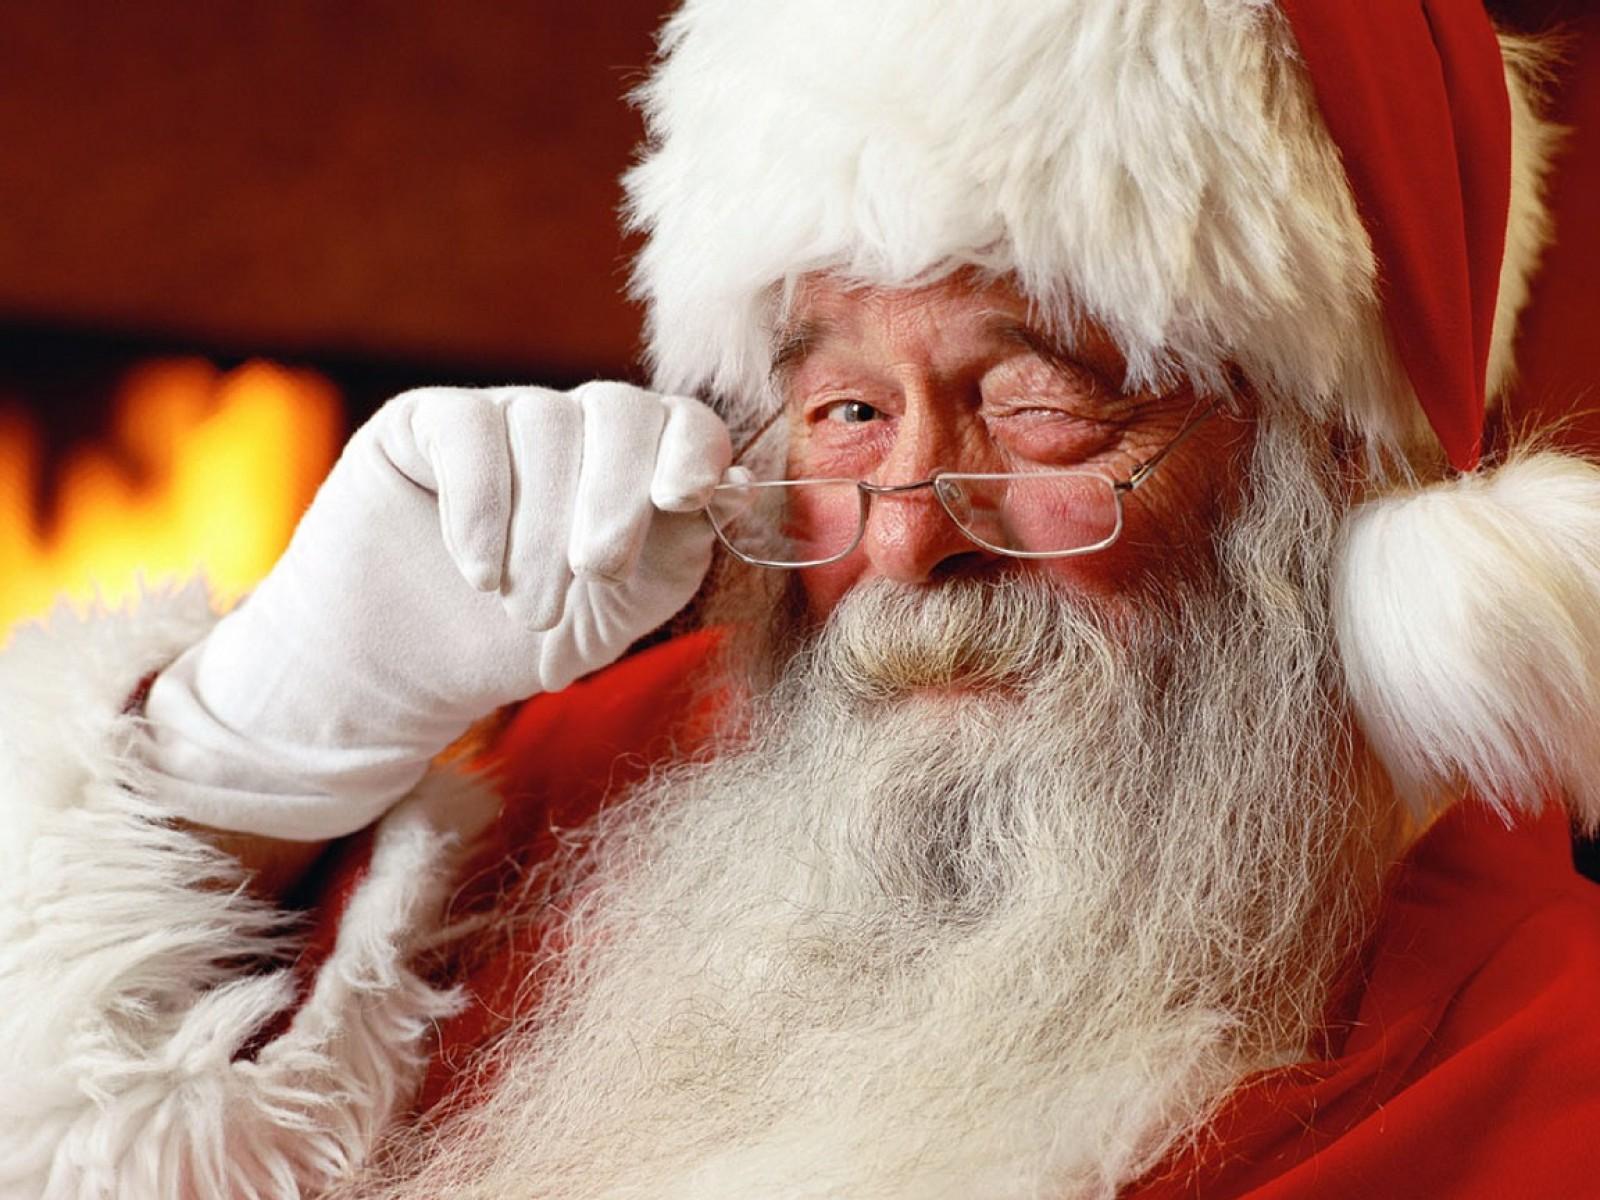 free santa at perks youghal ring of cork